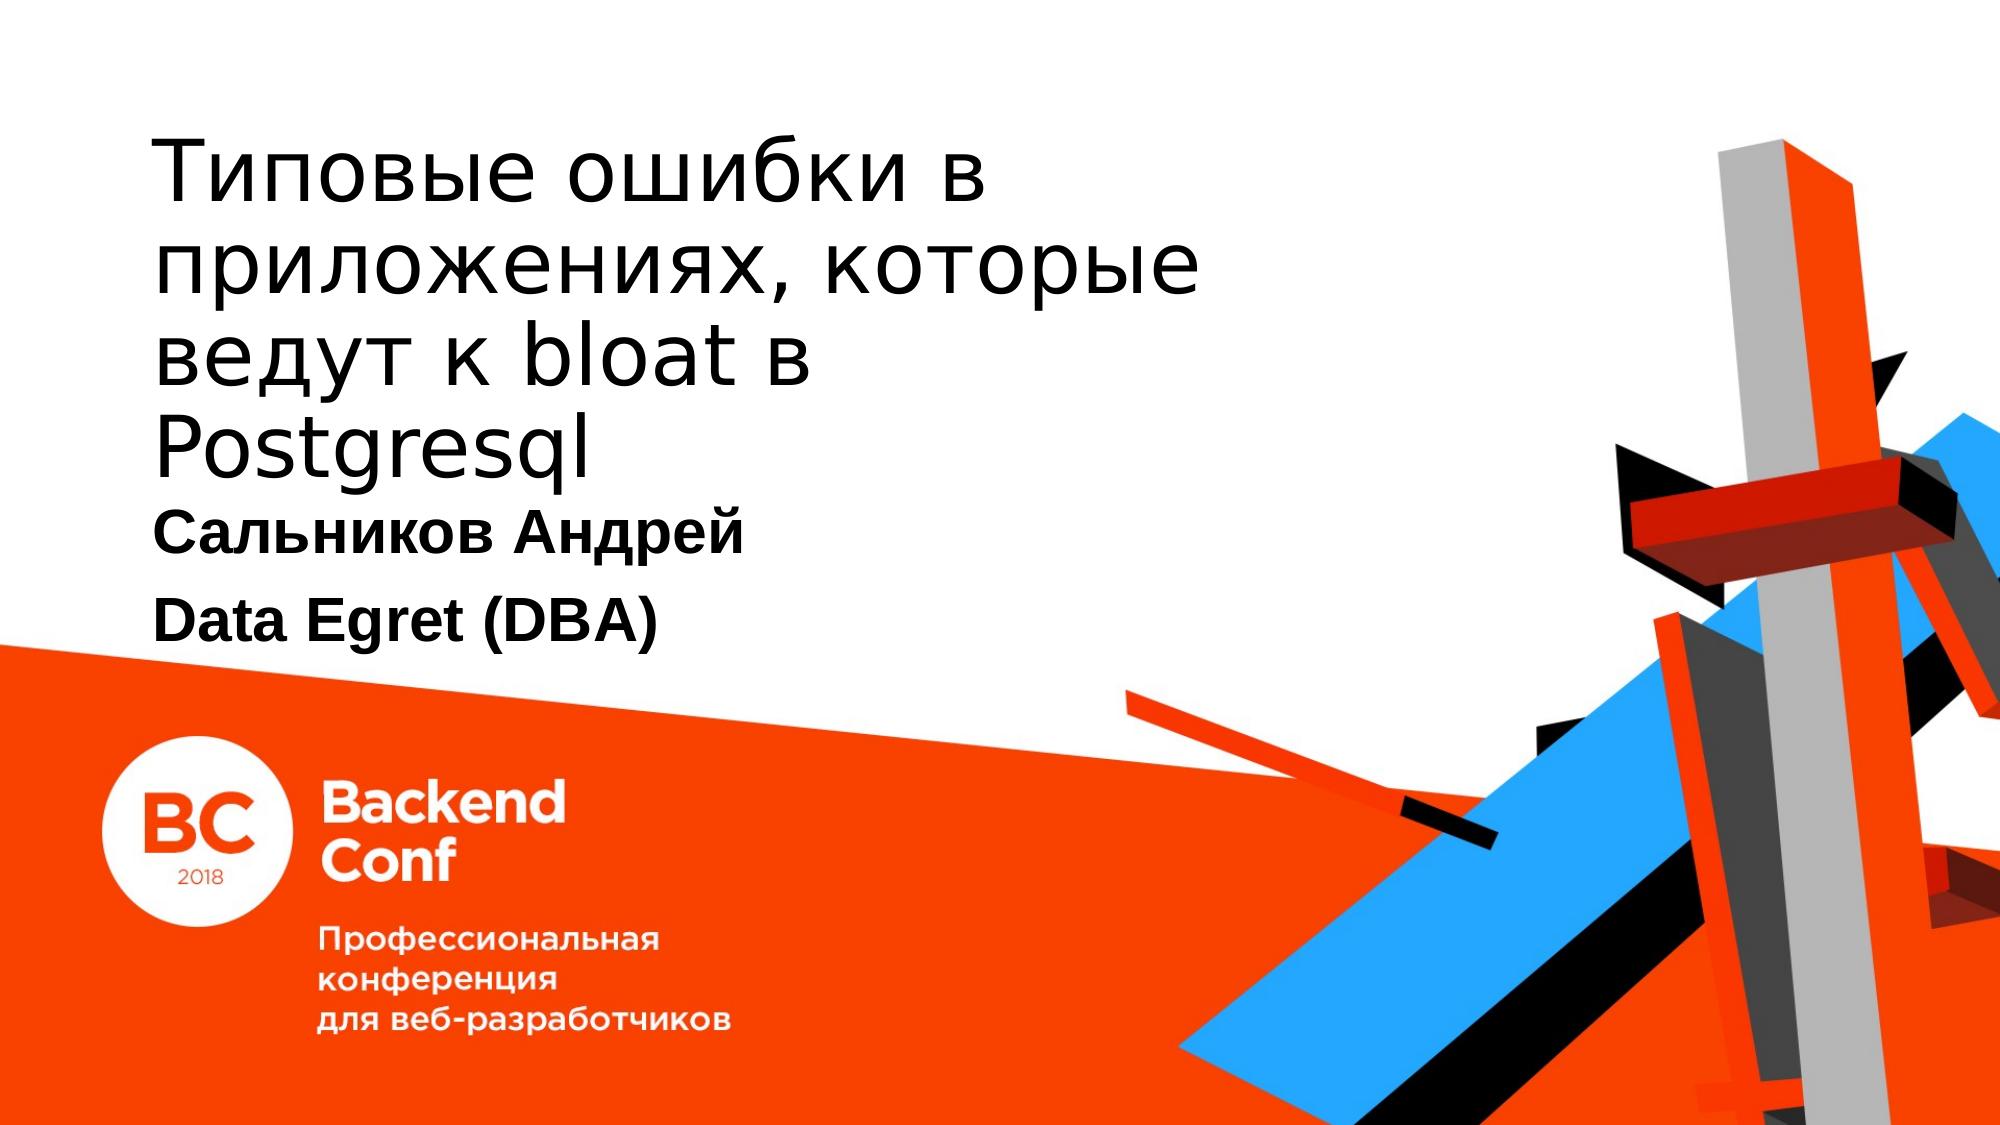 Типовые ошибки в приложениях, которые ведут к bloat в postgresql. Андрей Сальников